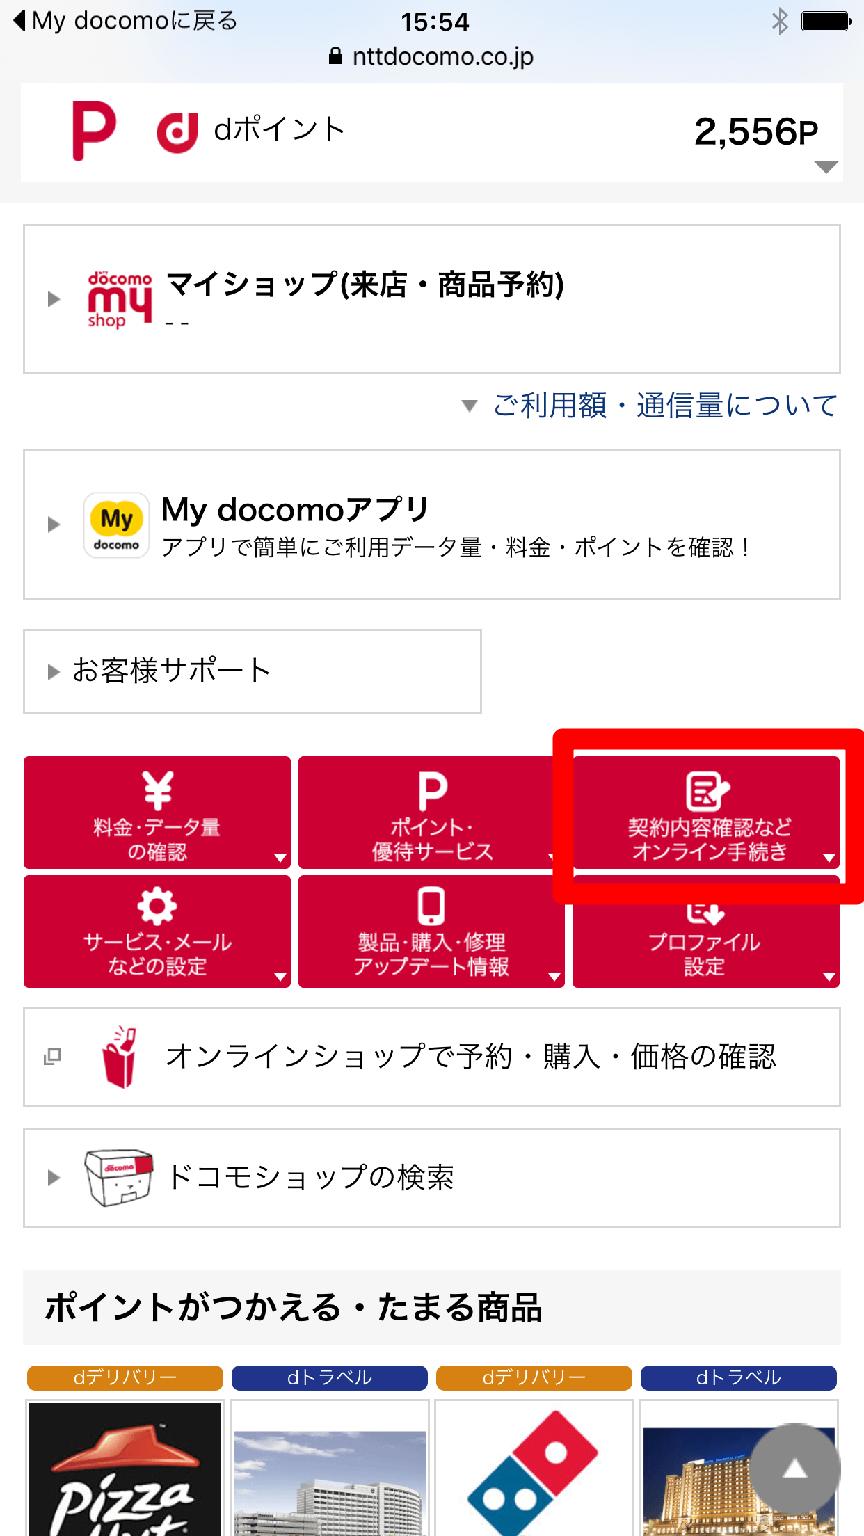 [My docomo(お客様サポート)]画面その2